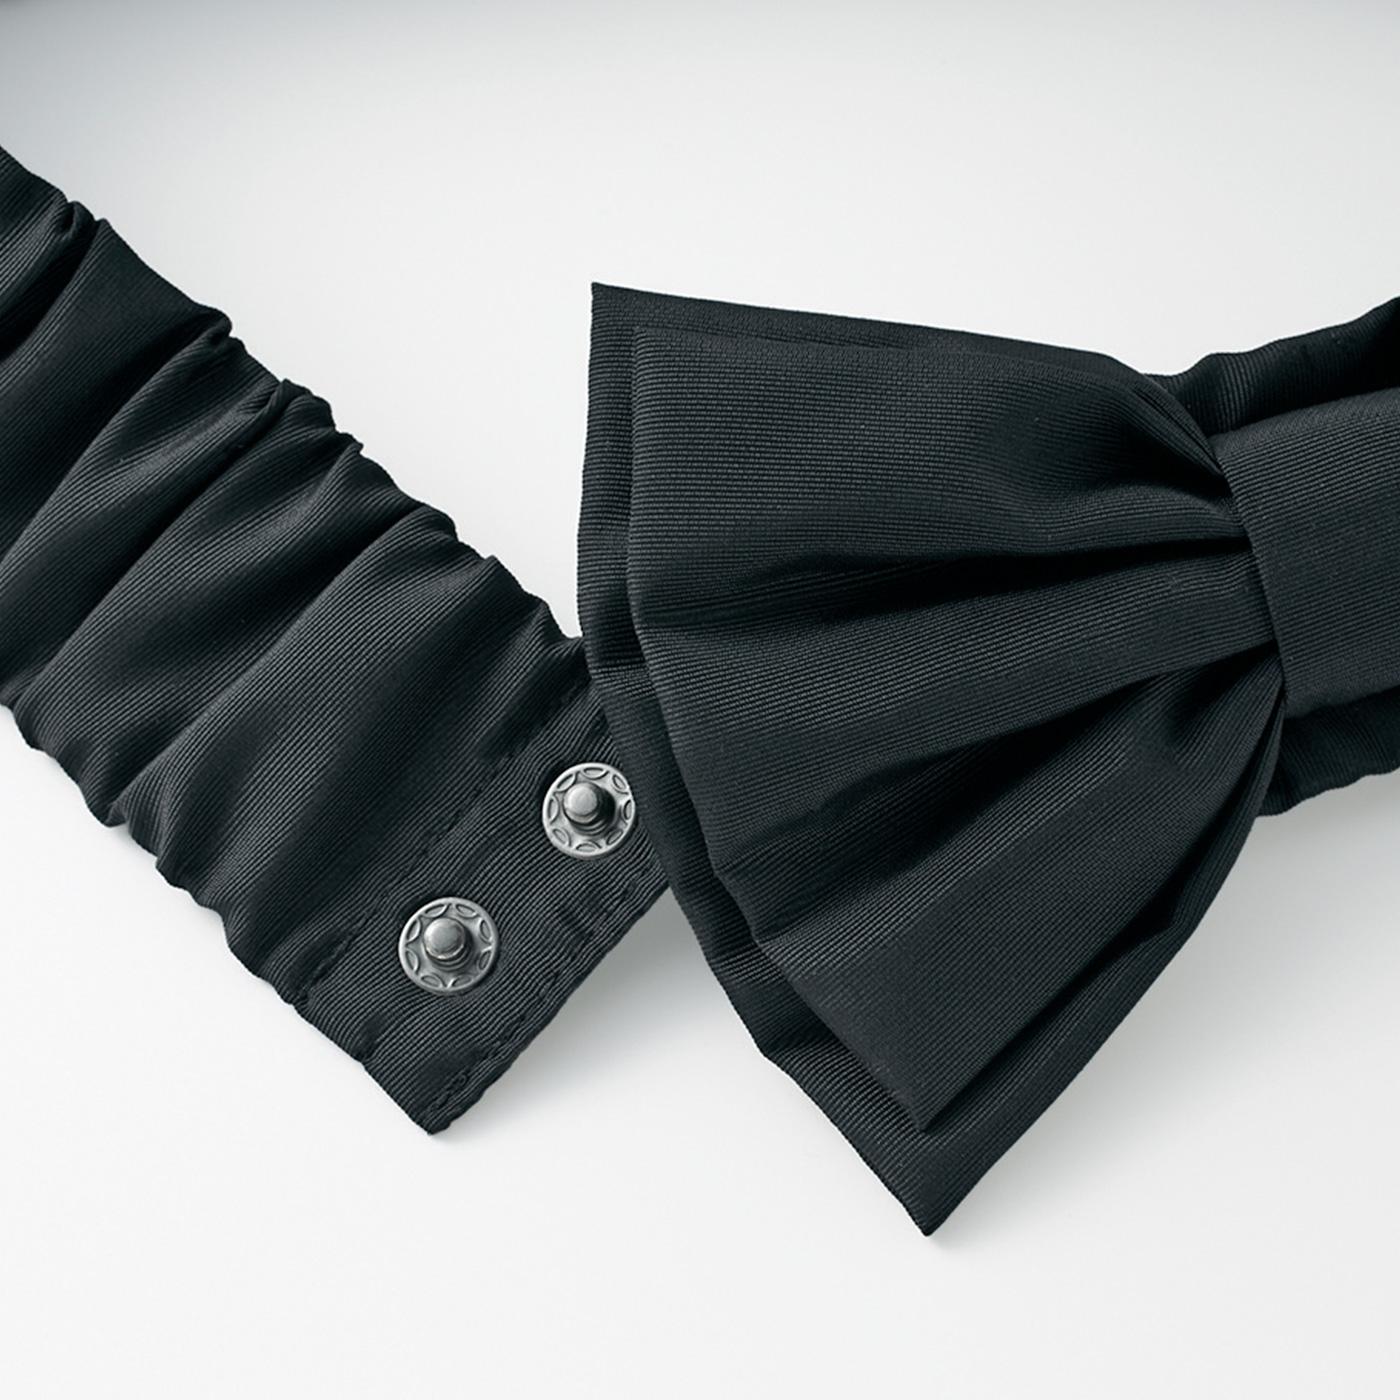 リボンを前にしたり後ろにしたり、リボンベルトをスナップで取り外してシンプルに着こなしても。